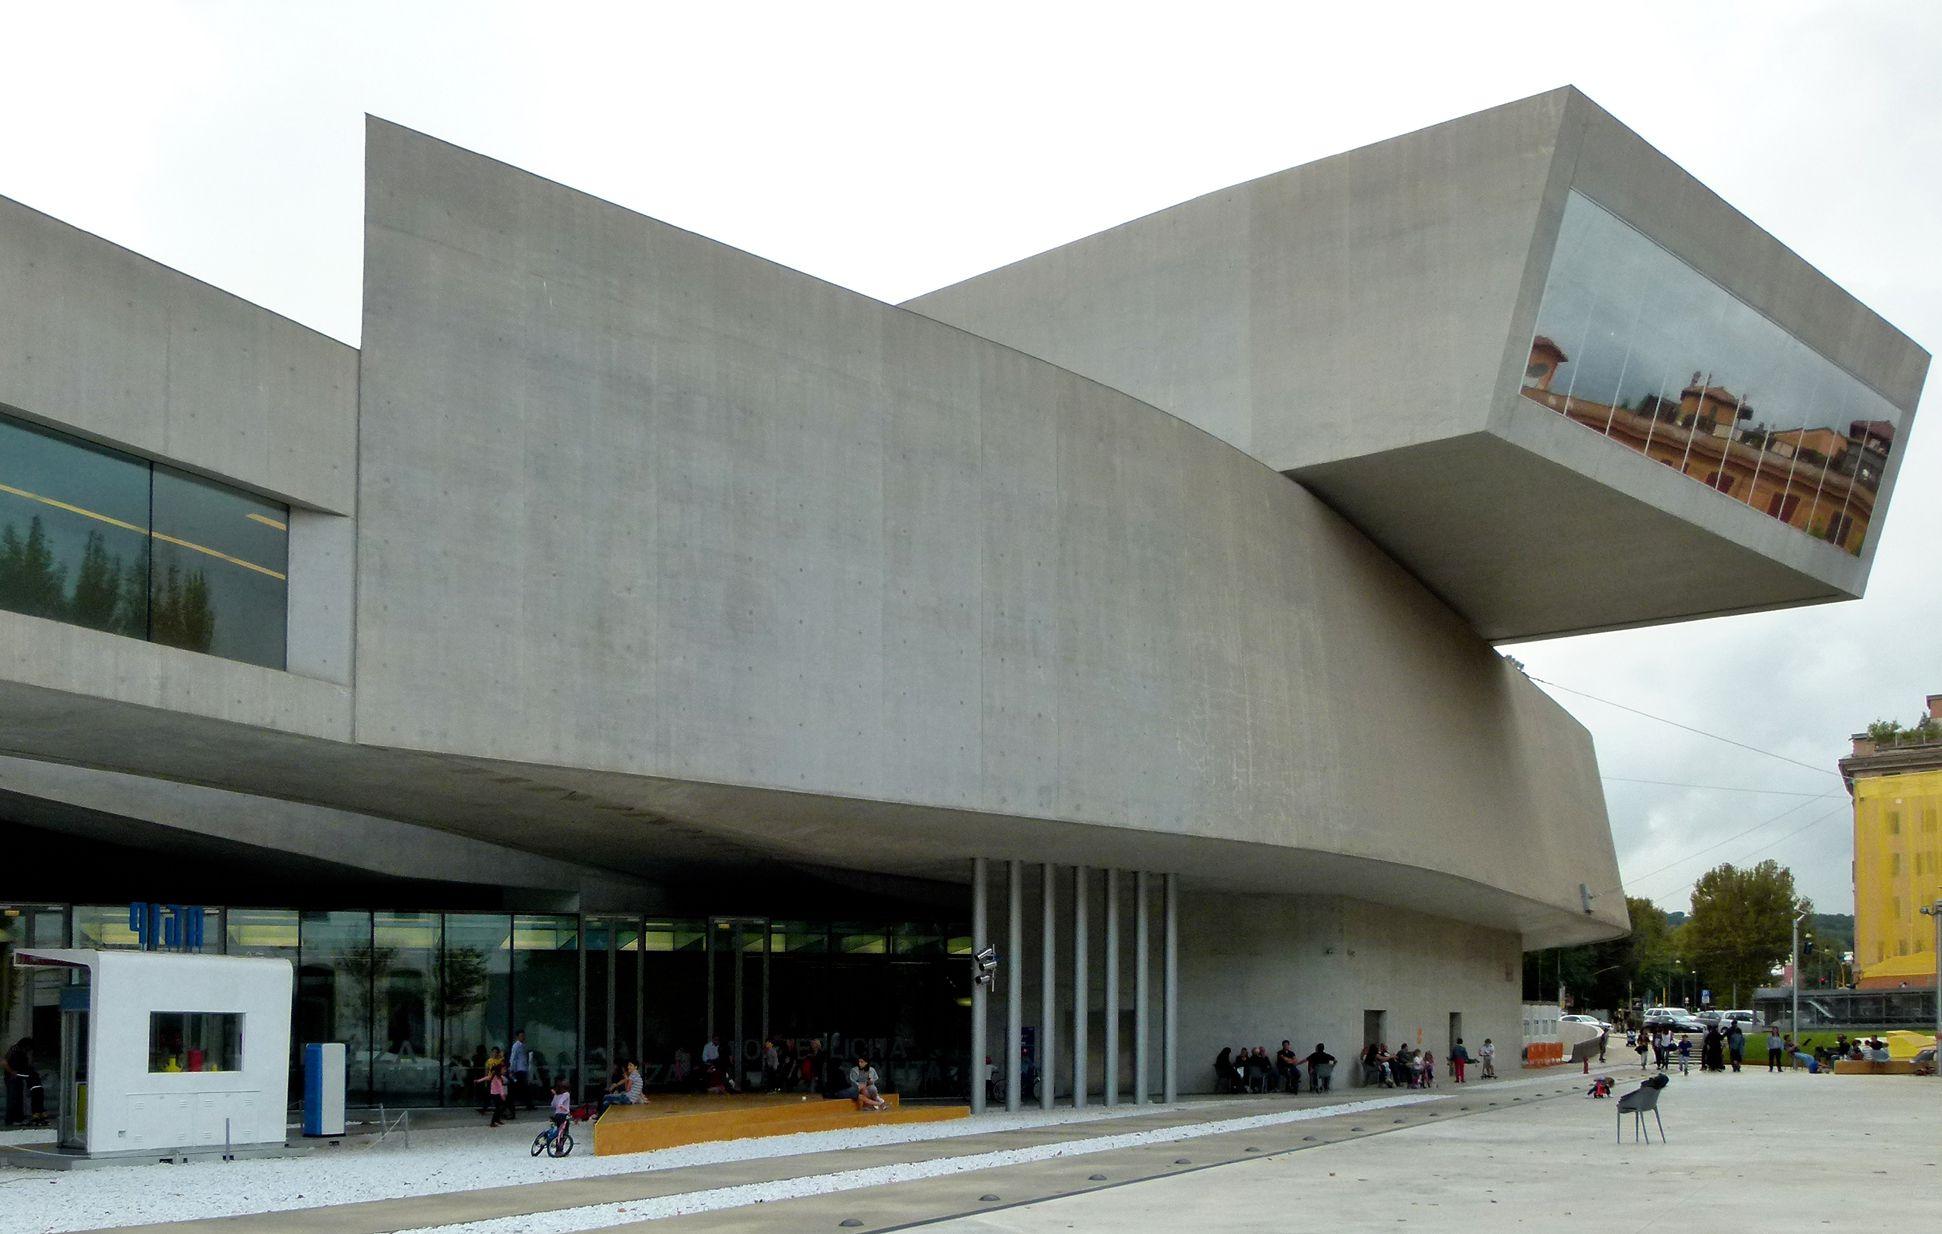 Maxxi, Museo nazionale delle arti del XXI secolo (Rom) Fassade